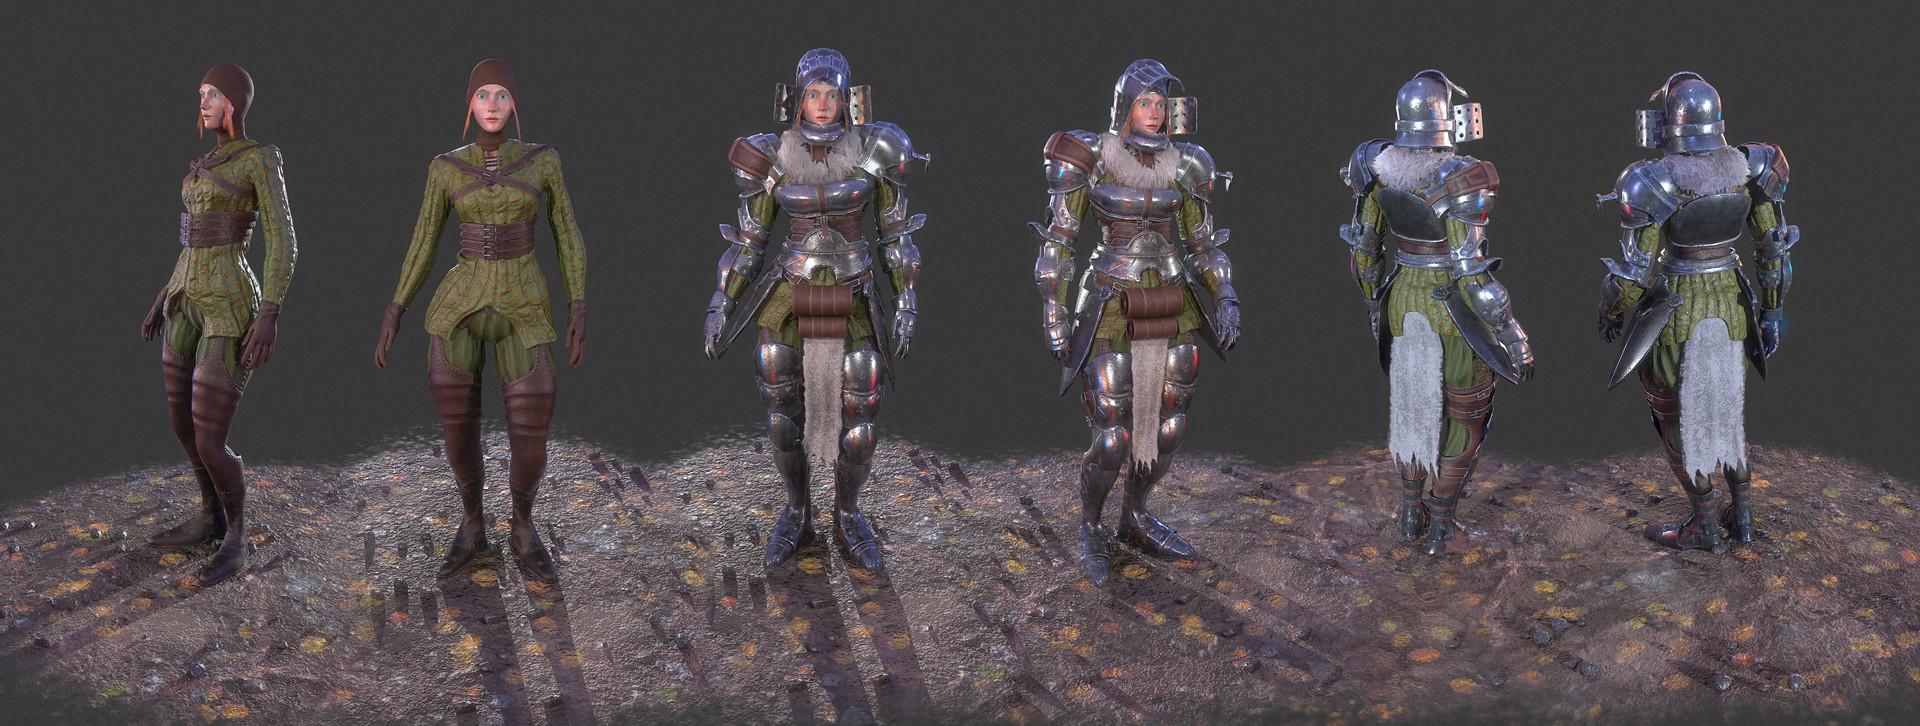 Dragos licar knight03